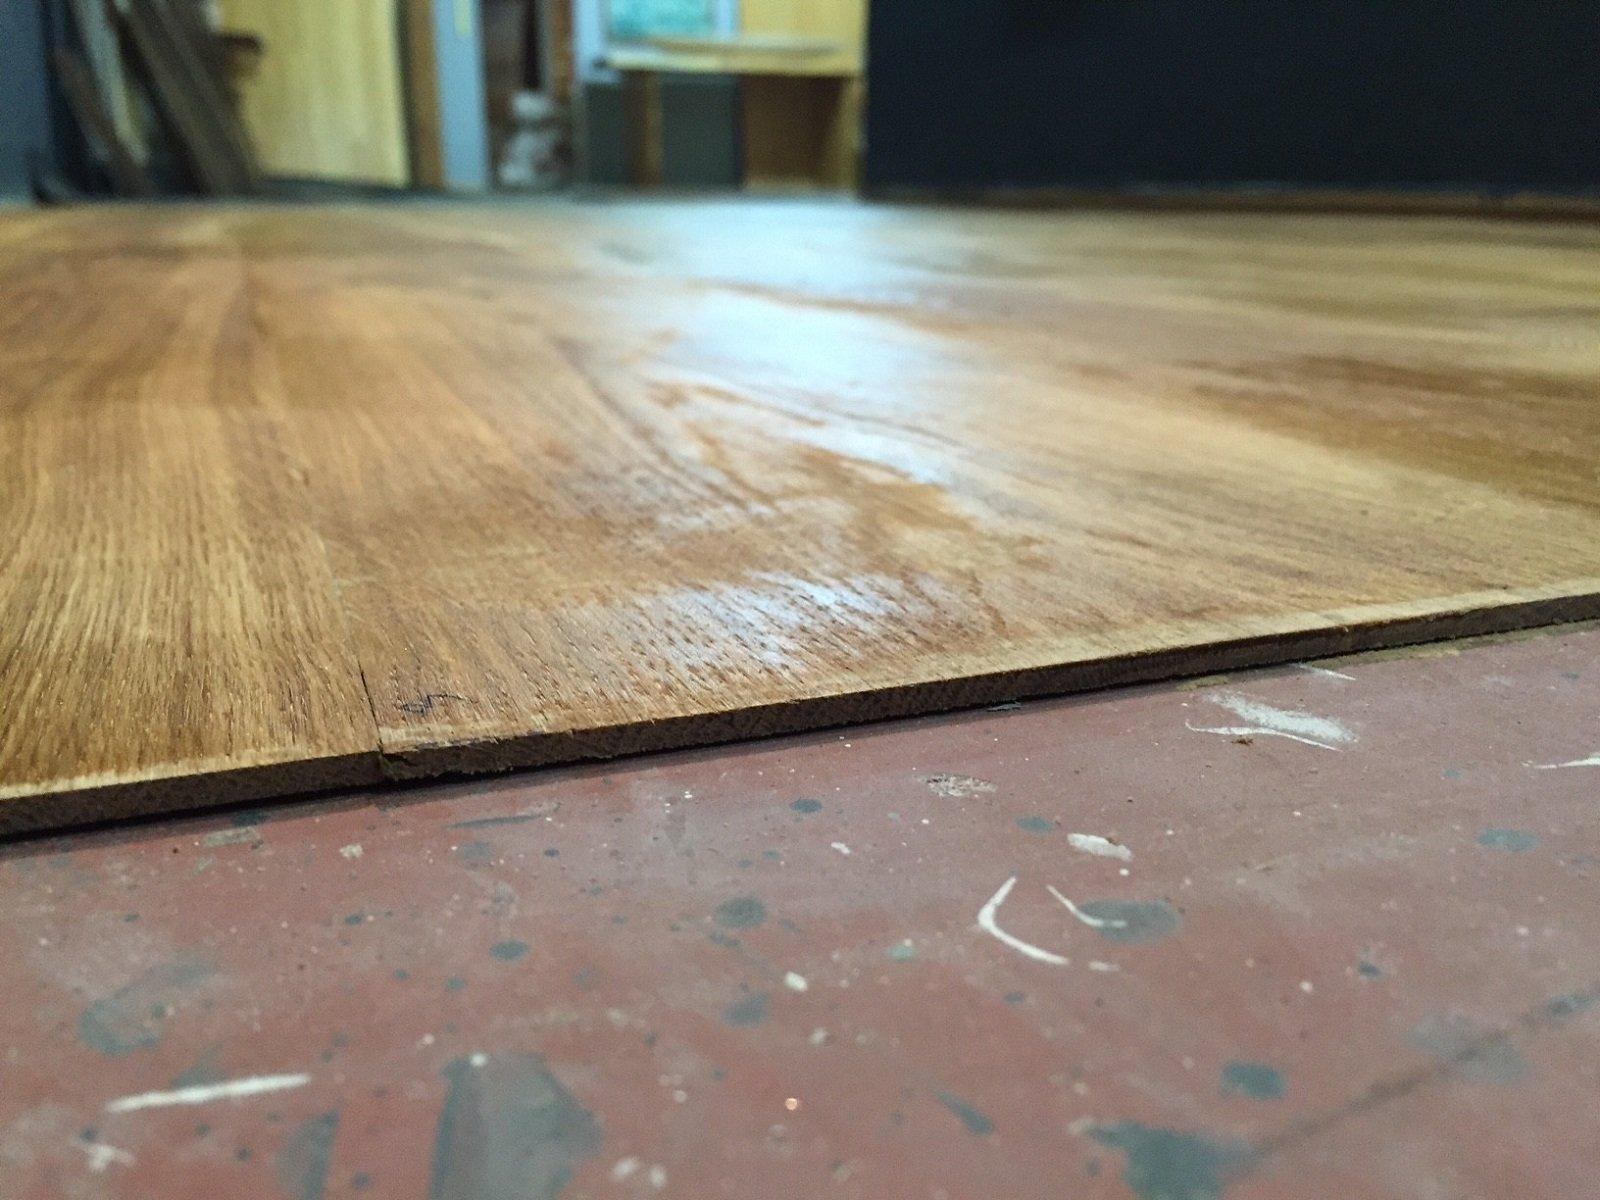 Rivestire il pavimento con lamelle ultrasottili di legno cose di casa - Parquet da incollare su piastrelle ...